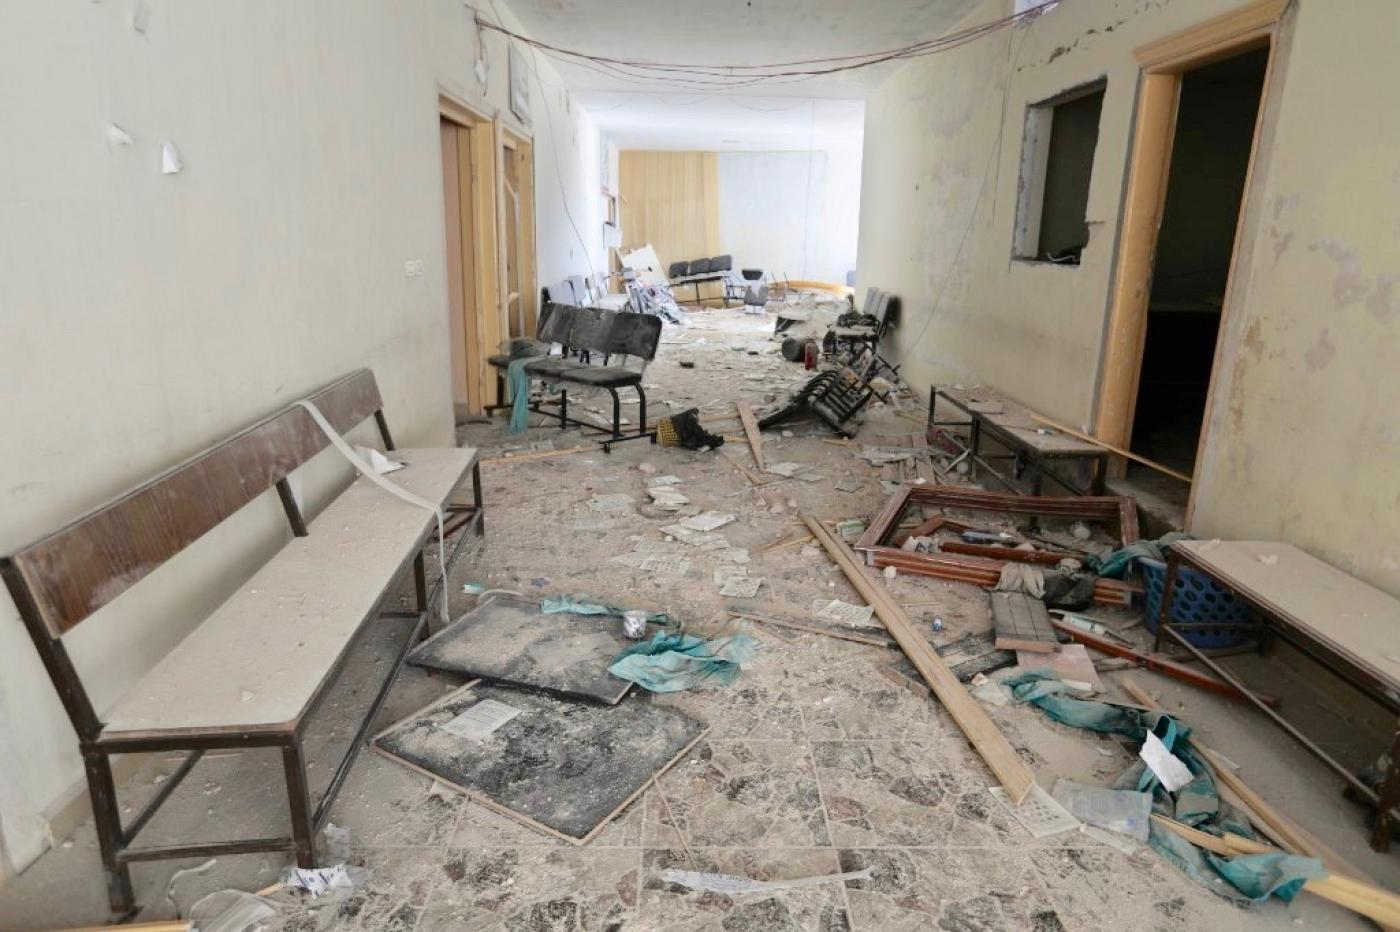 صورة تحقيق: روسيا قصفت 4 مستشفيات بمناطق المعارضة السورية خلال 12 ساعة كانت إحداثياتها لدى الأمم المتحدة